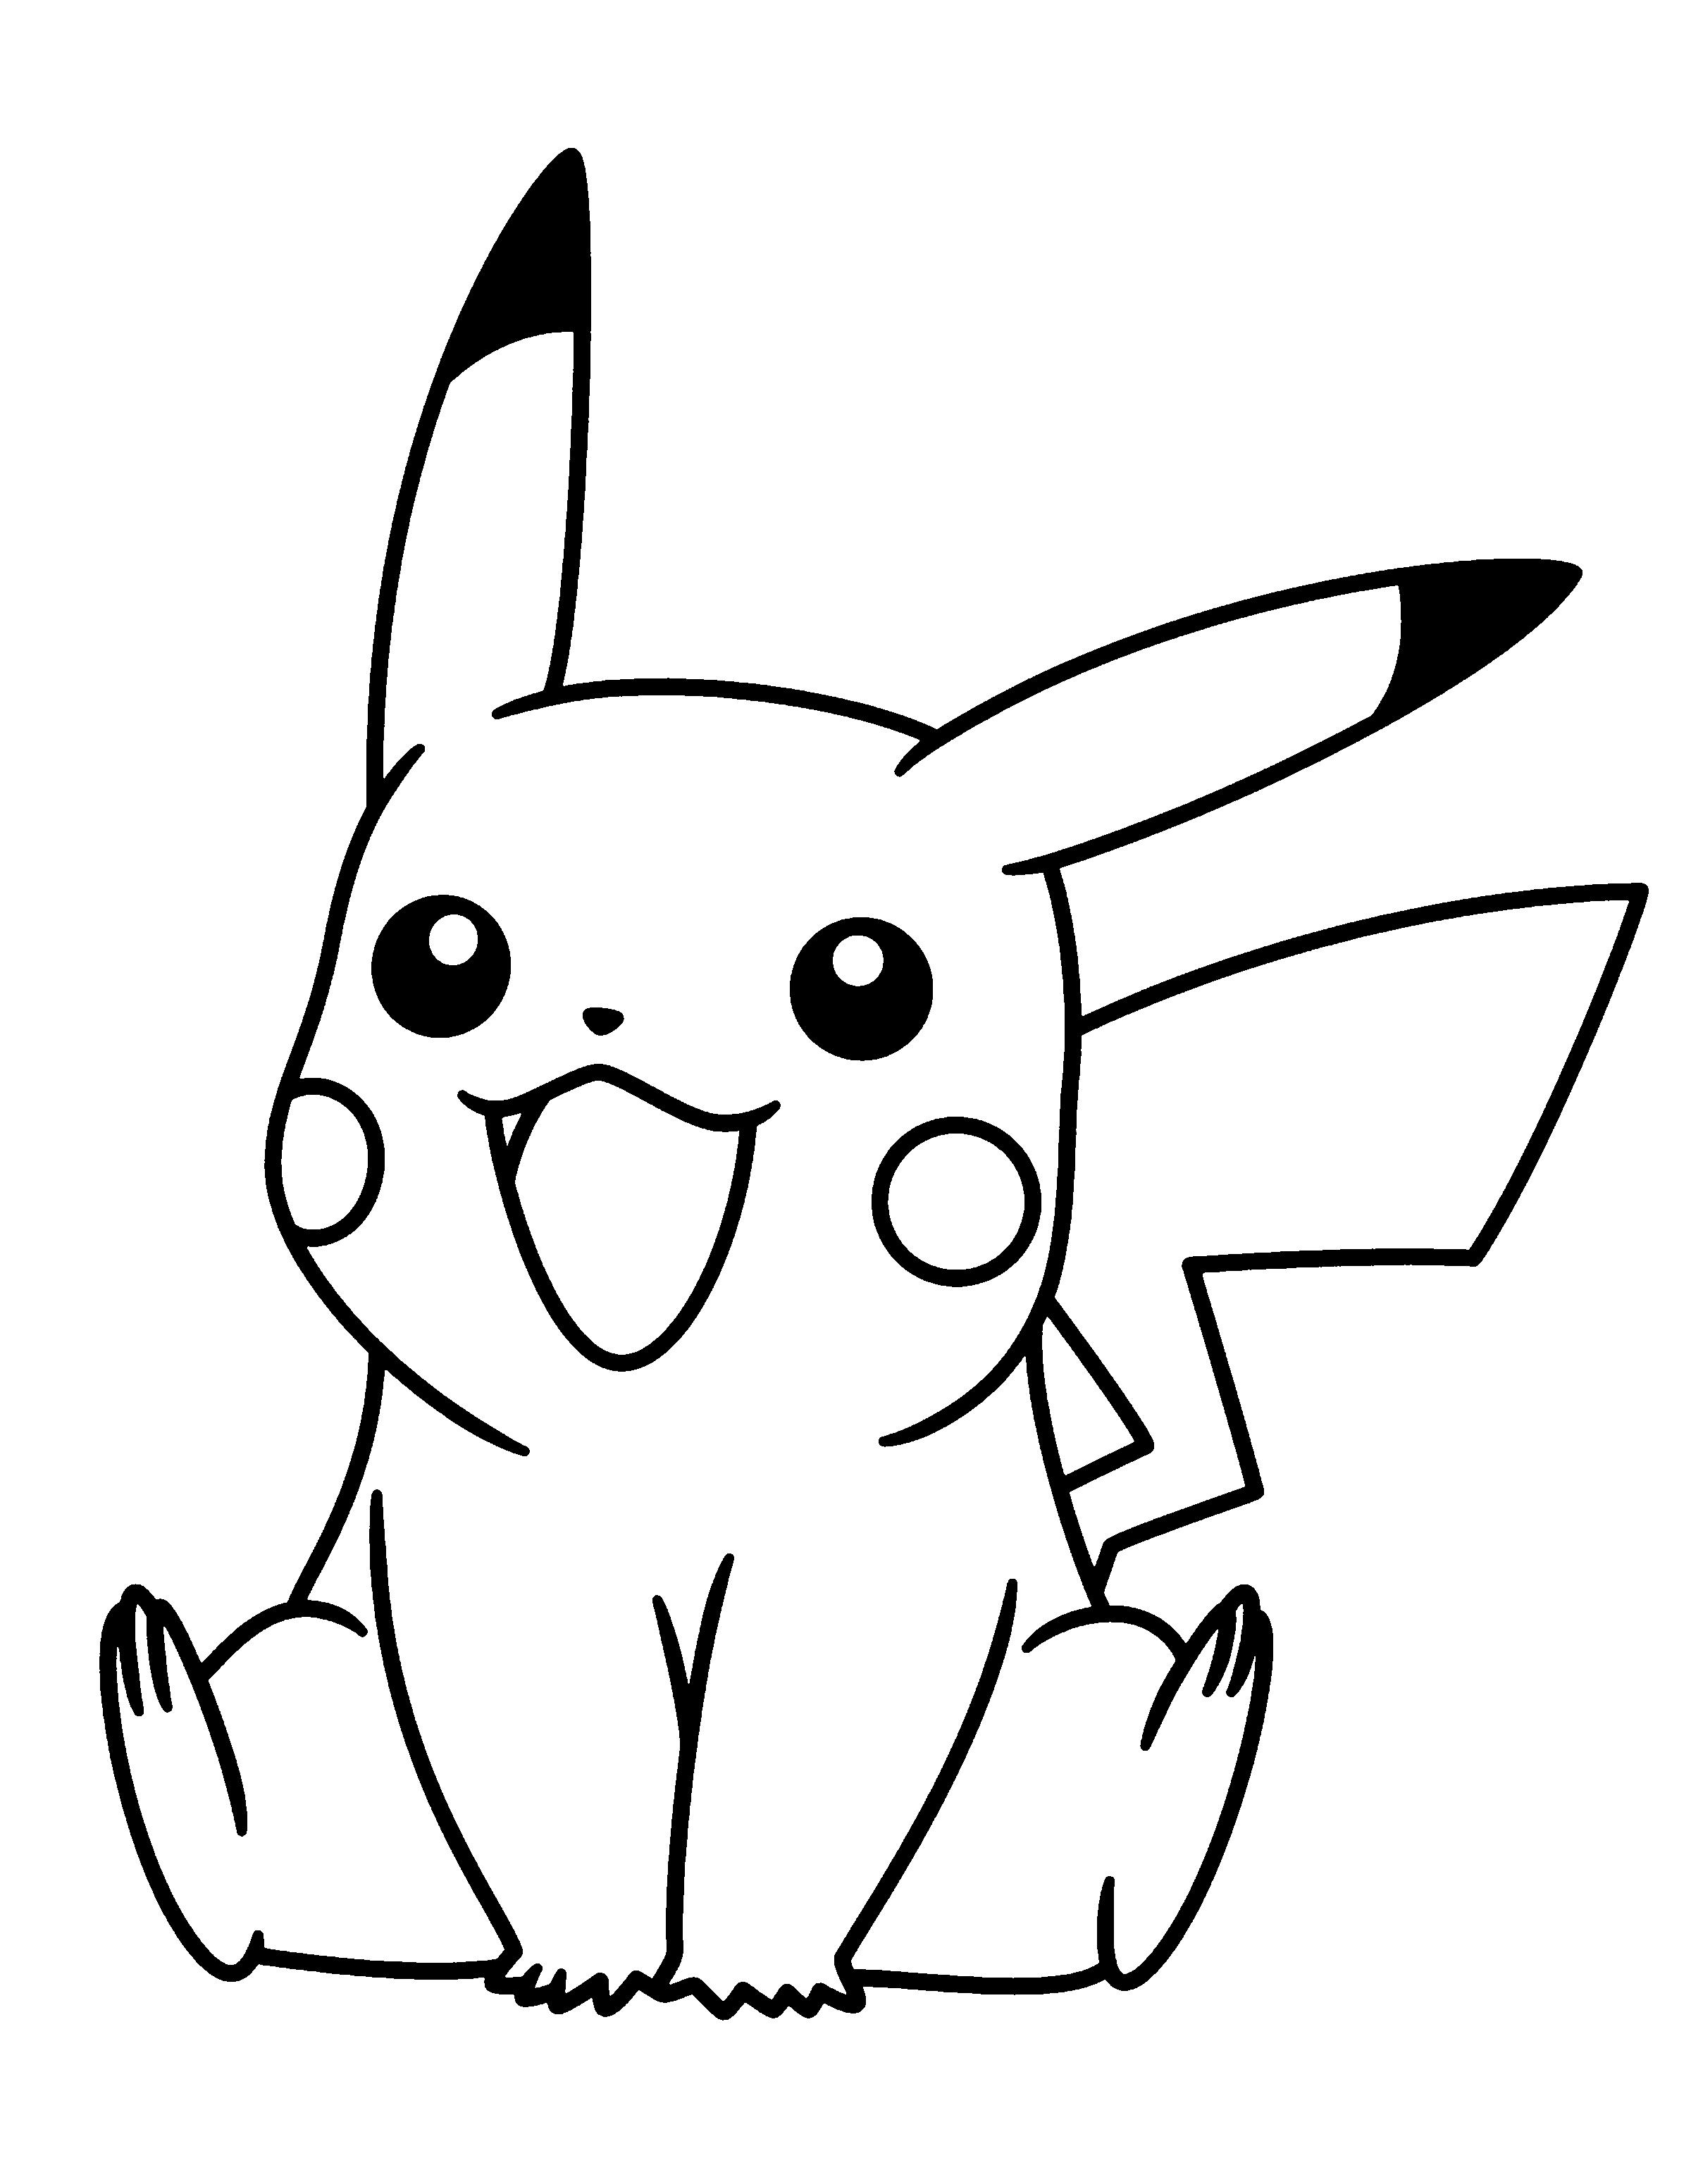 Coloriages imprimer pokemon num ro 585869 - Coloriages pokemon ...